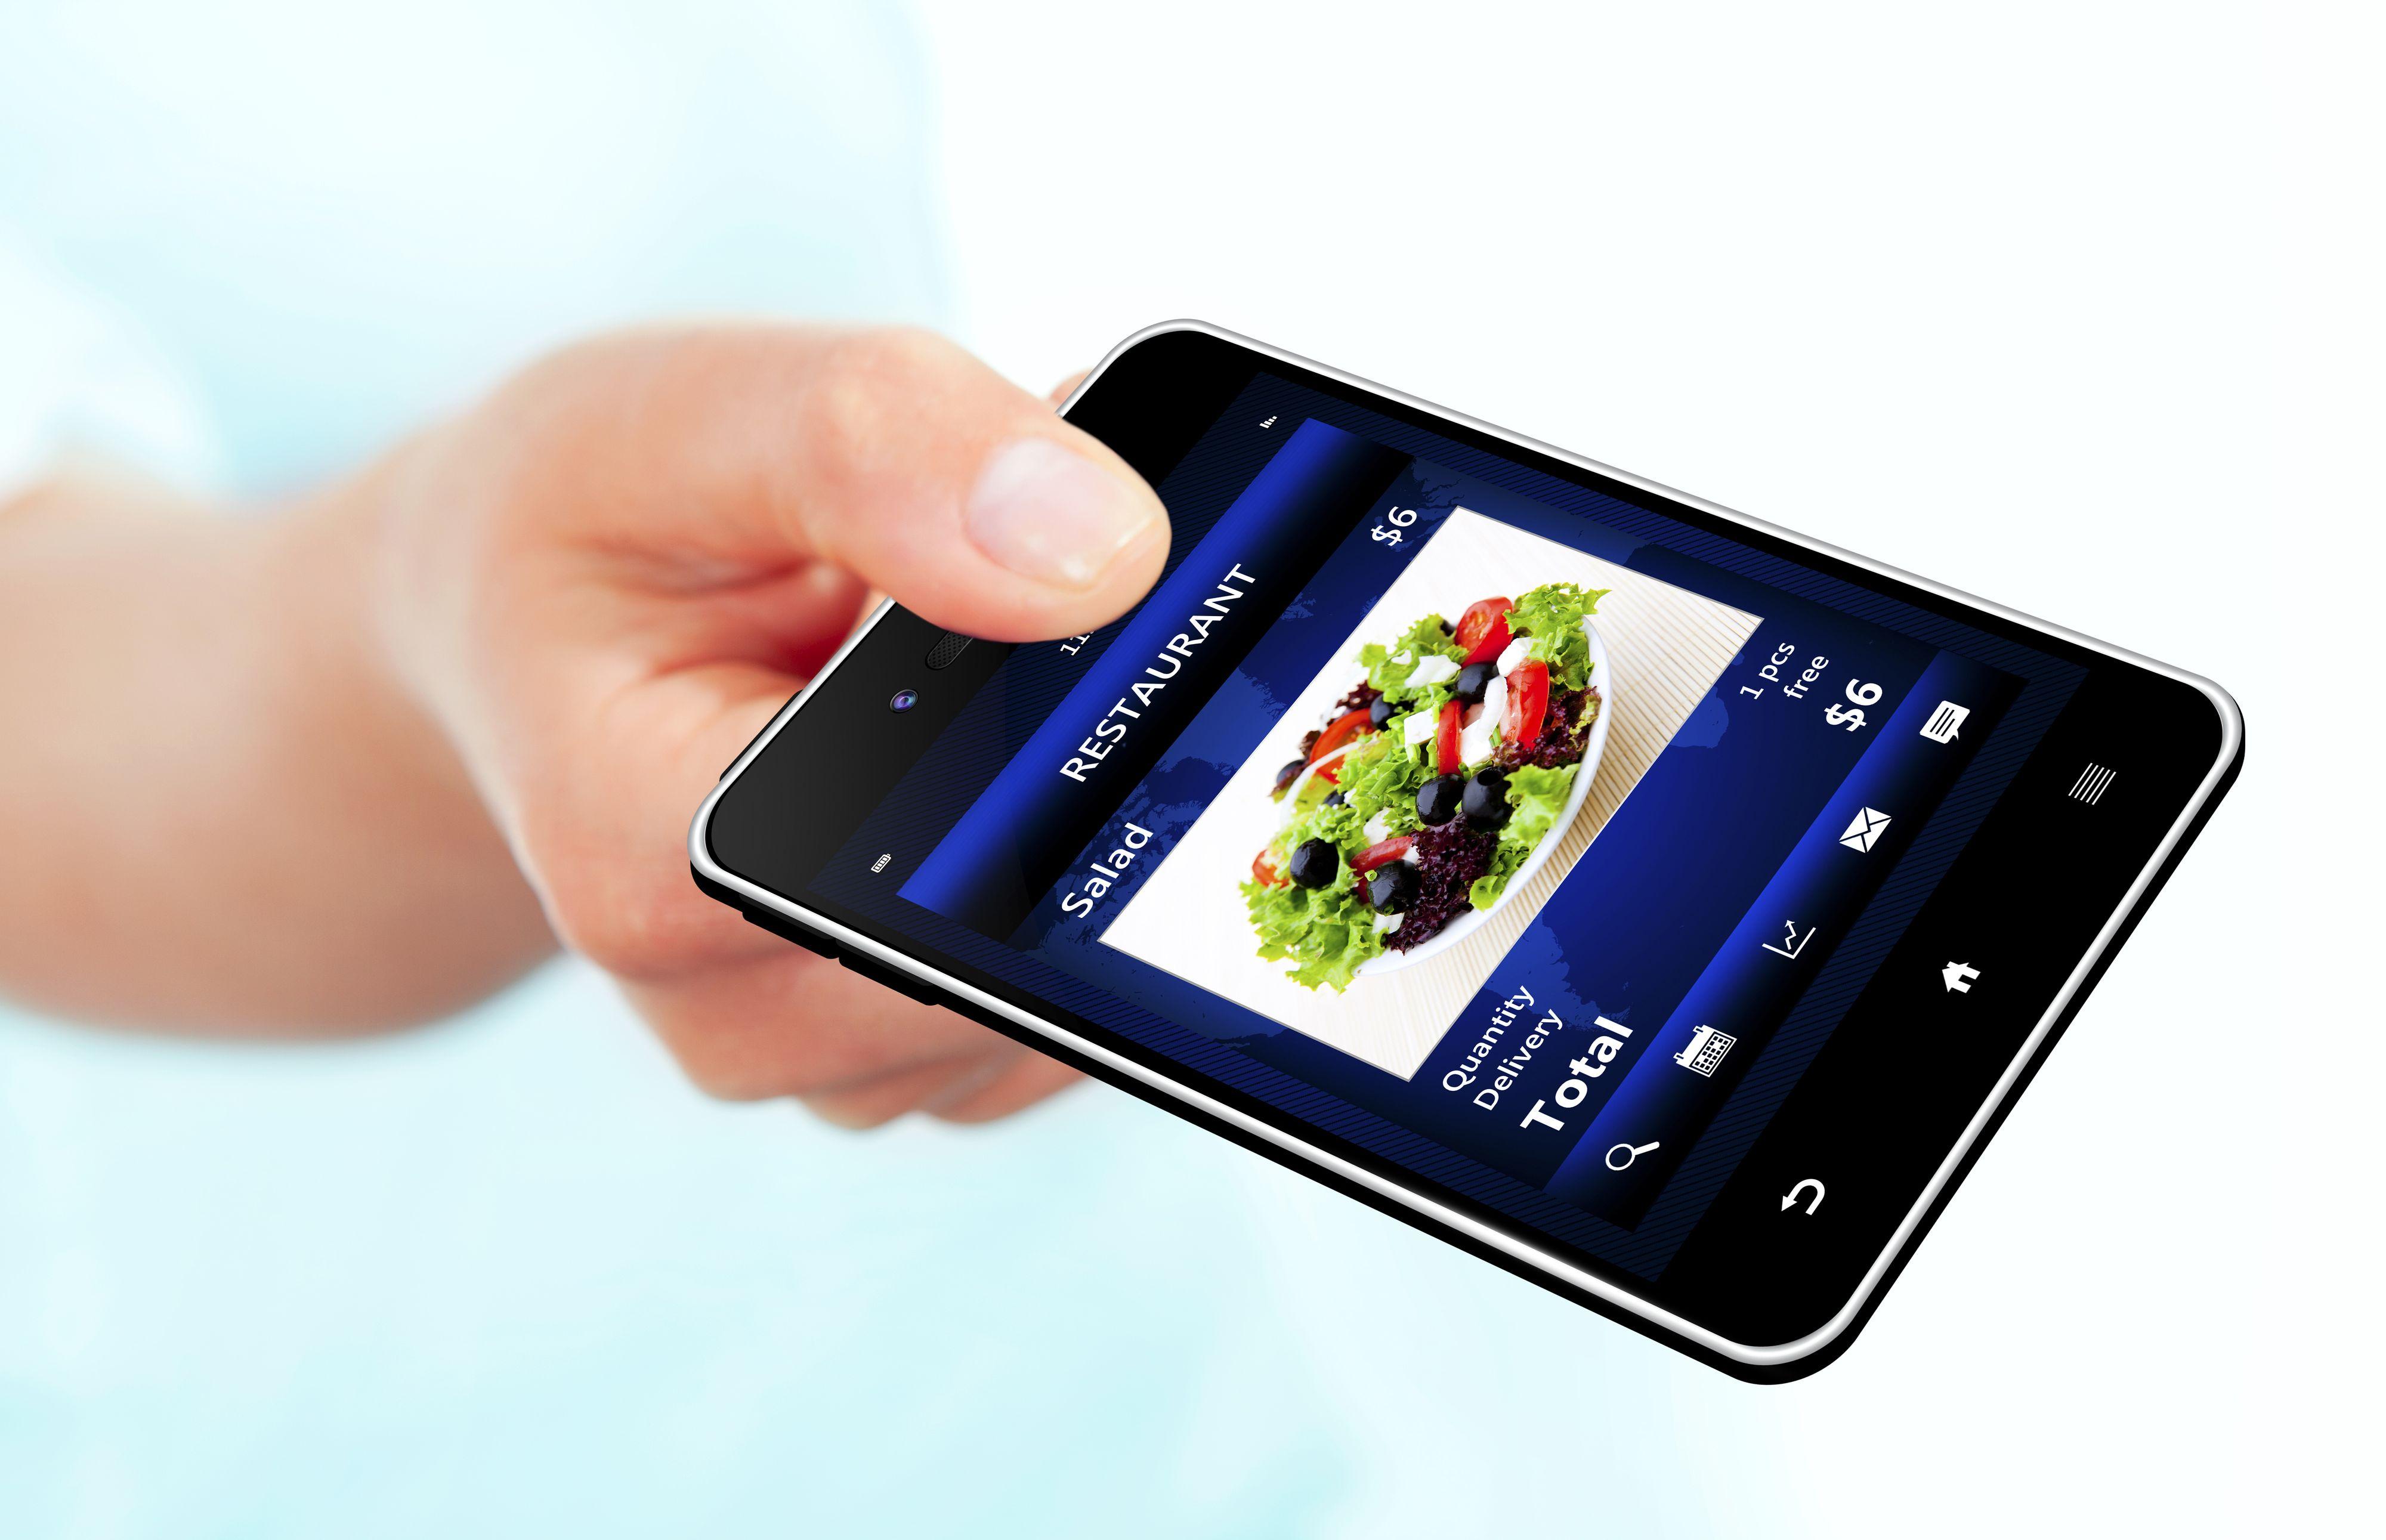 Mobilen kan bli ditt foretrukne betalingsmiddel på restaurant, hvis bransjen får det som de vil.Foto: Shutterstock/Aleksandra Gigowska